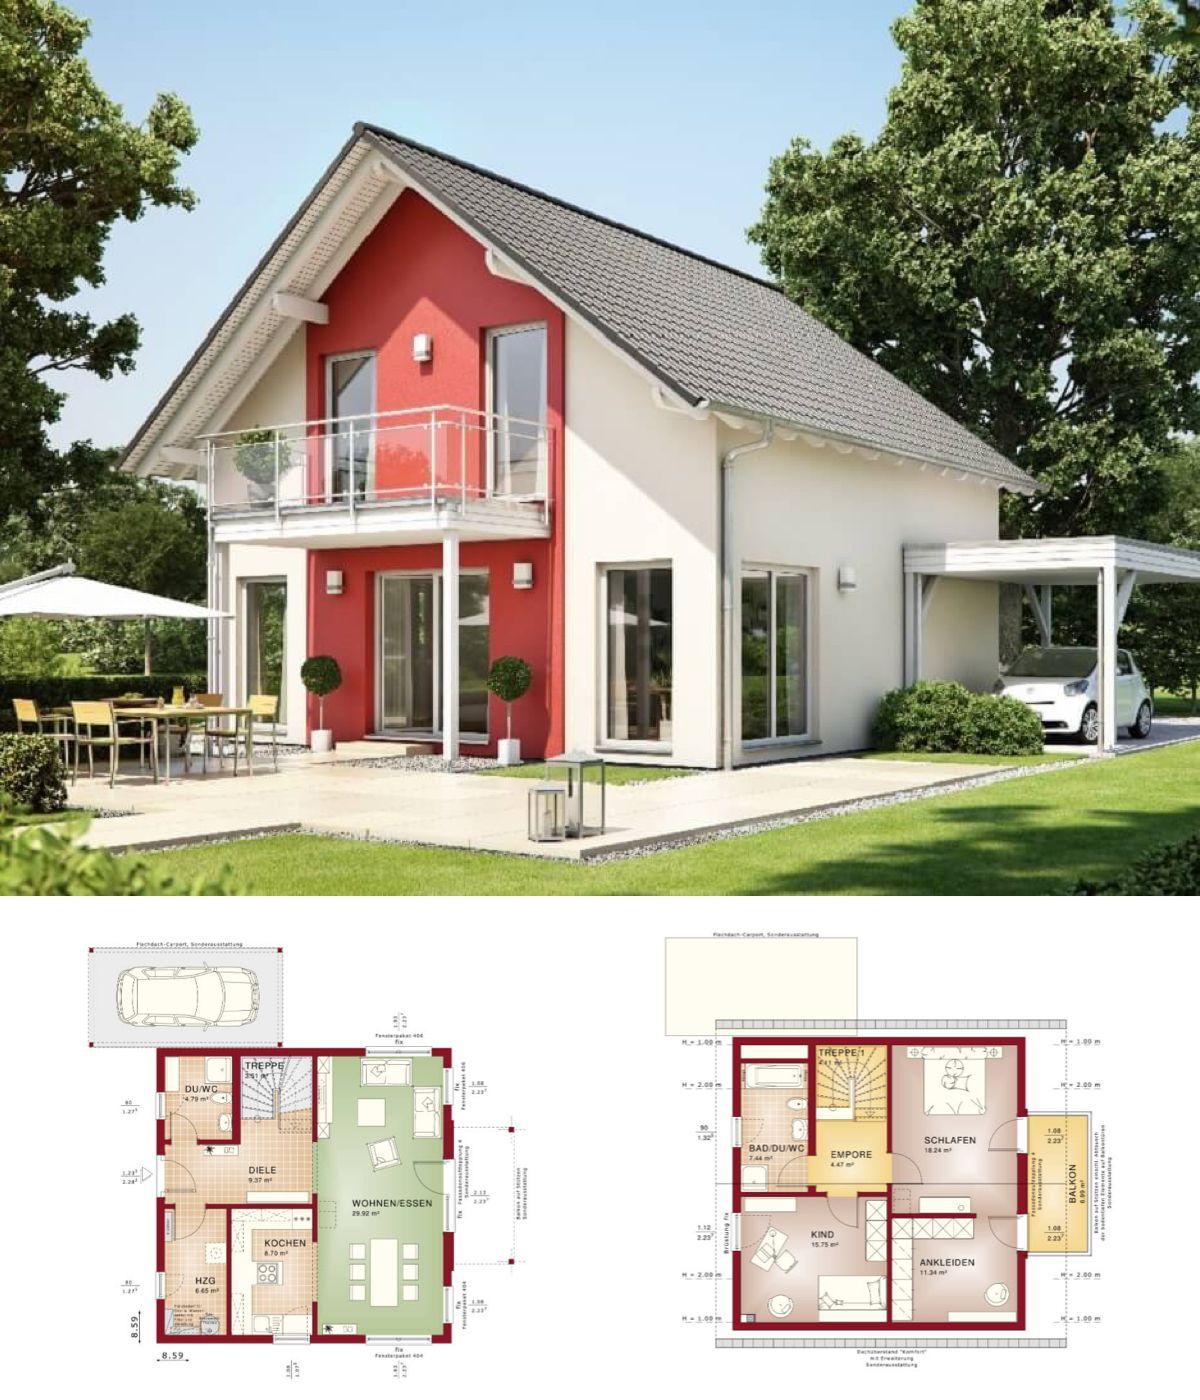 Einfamilienhaus modern satteldach haus solution 125 v5 for Fertighaus grundrisse einfamilienhaus